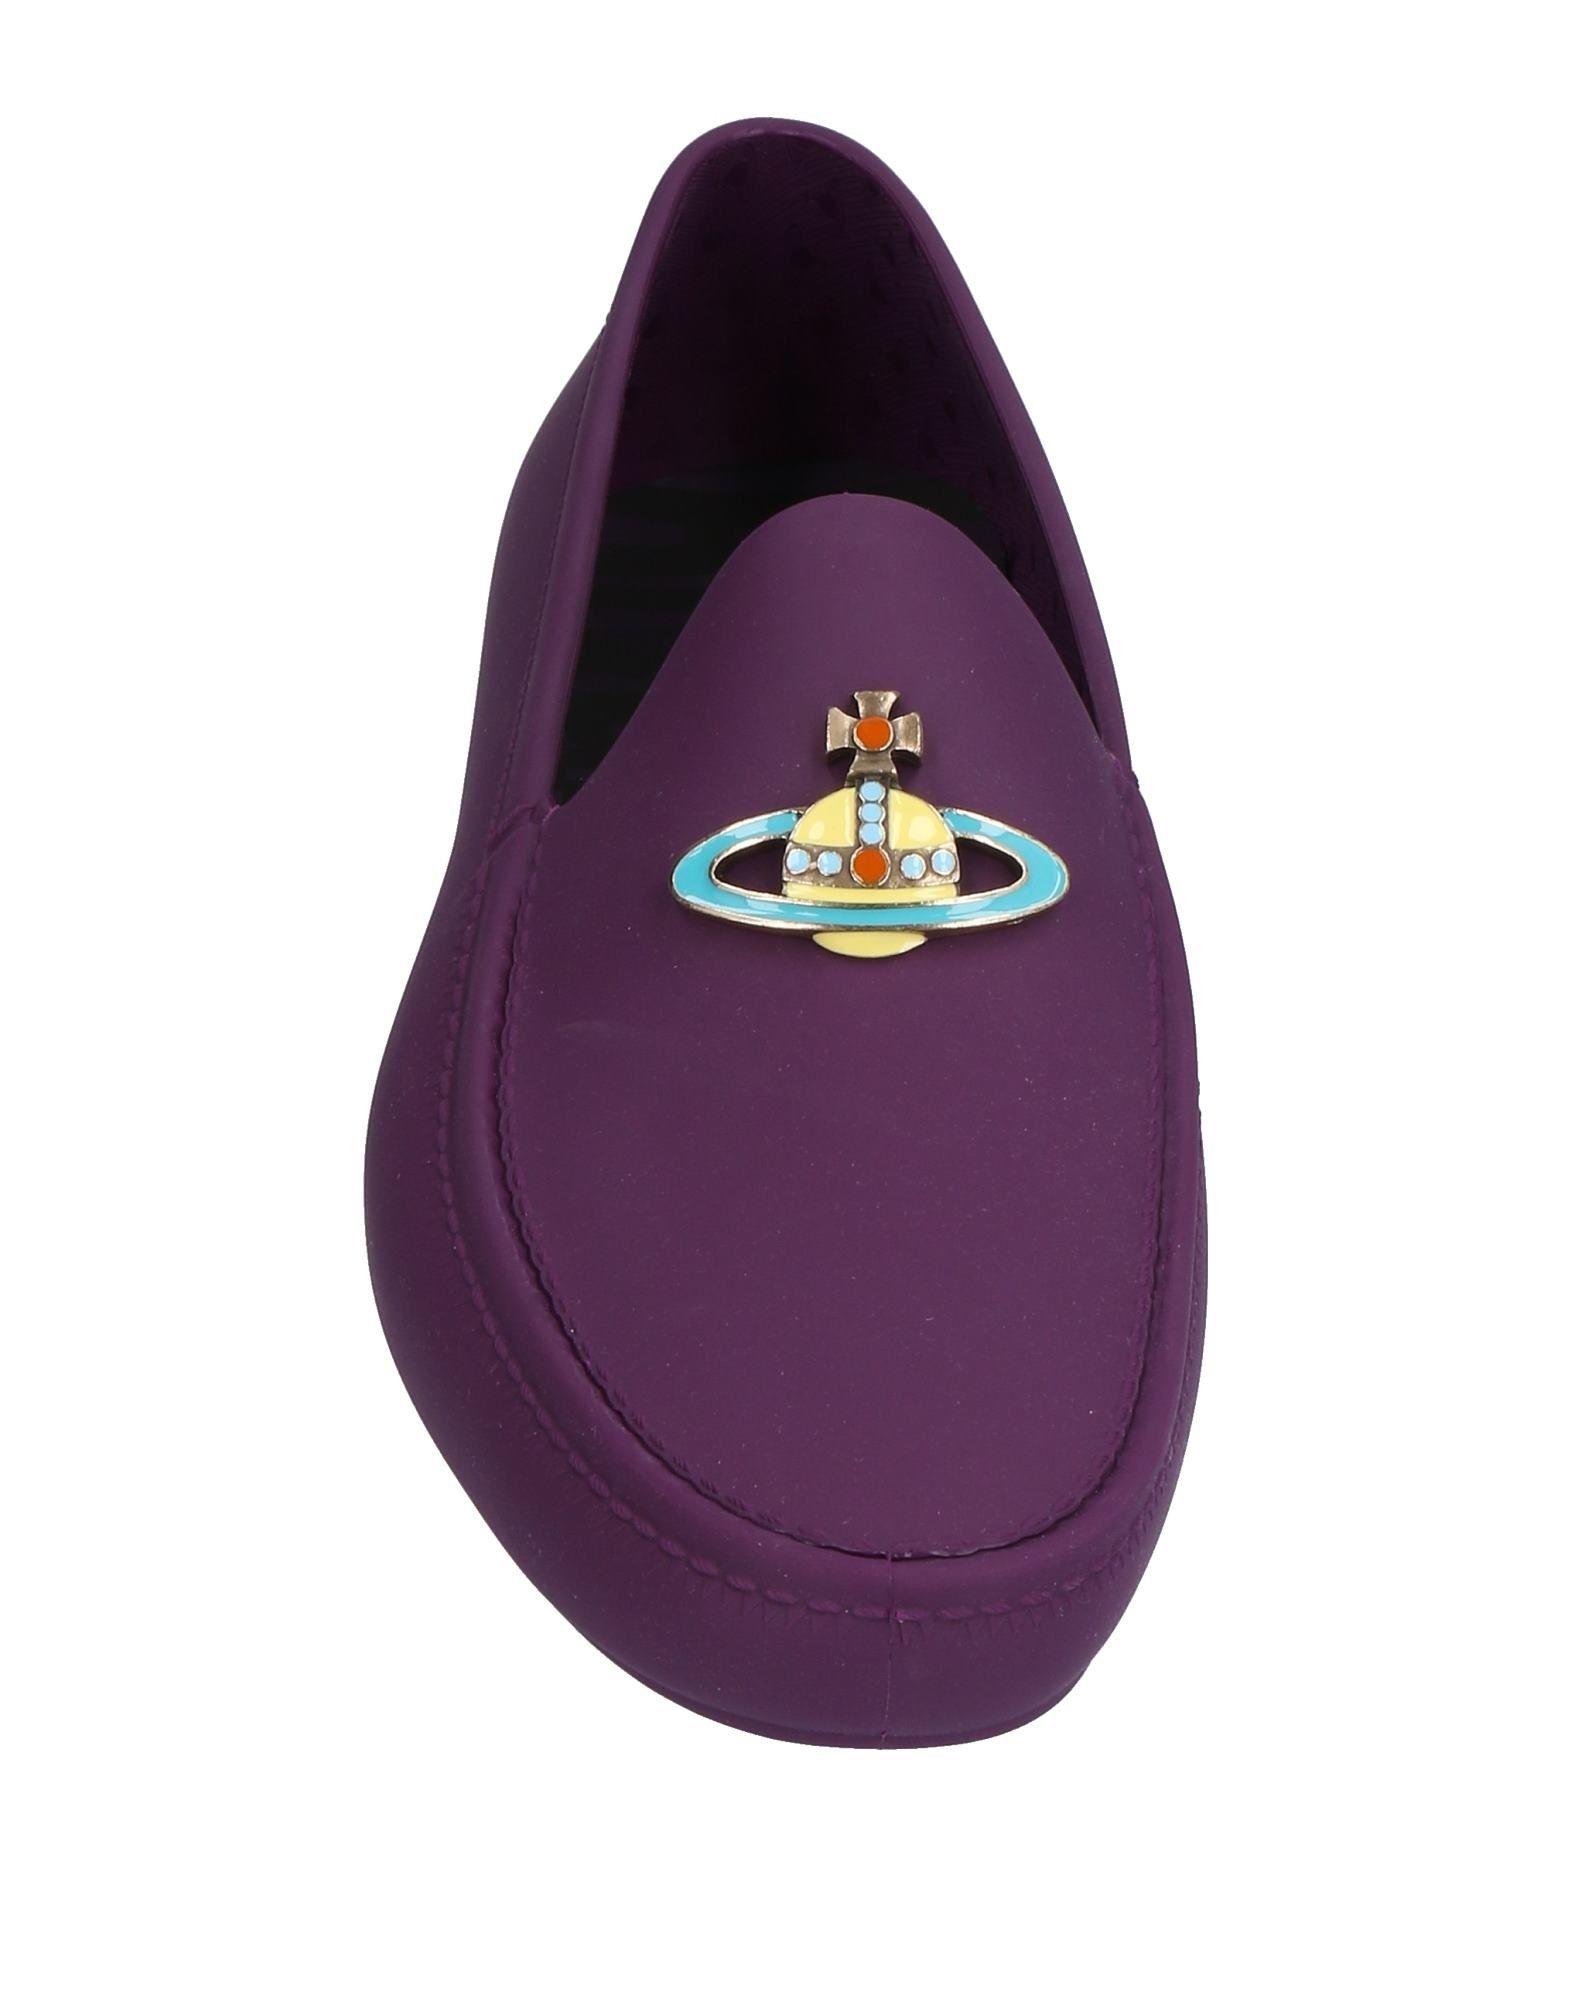 Vivienne Vivienne Vivienne Westwood Mokassins Herren  11517487LB Neue Schuhe a09ba5